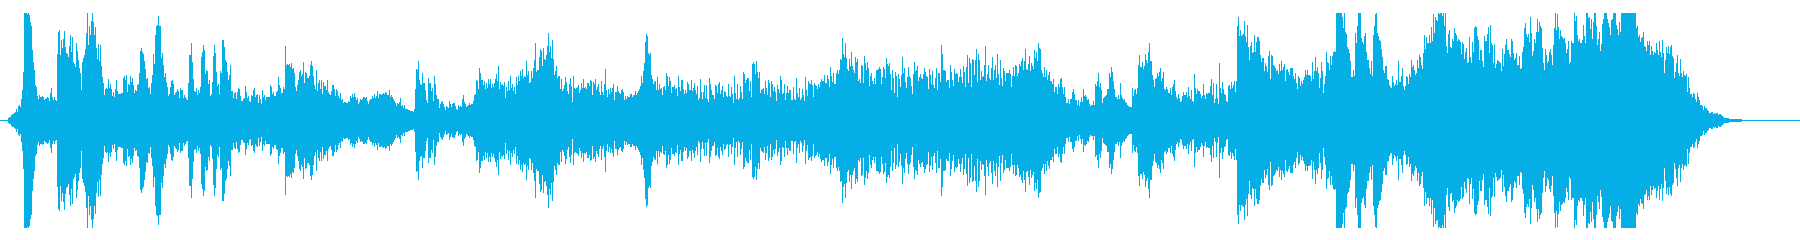 ハリウッド風アクション・カーチェイス音楽の再生済みの波形